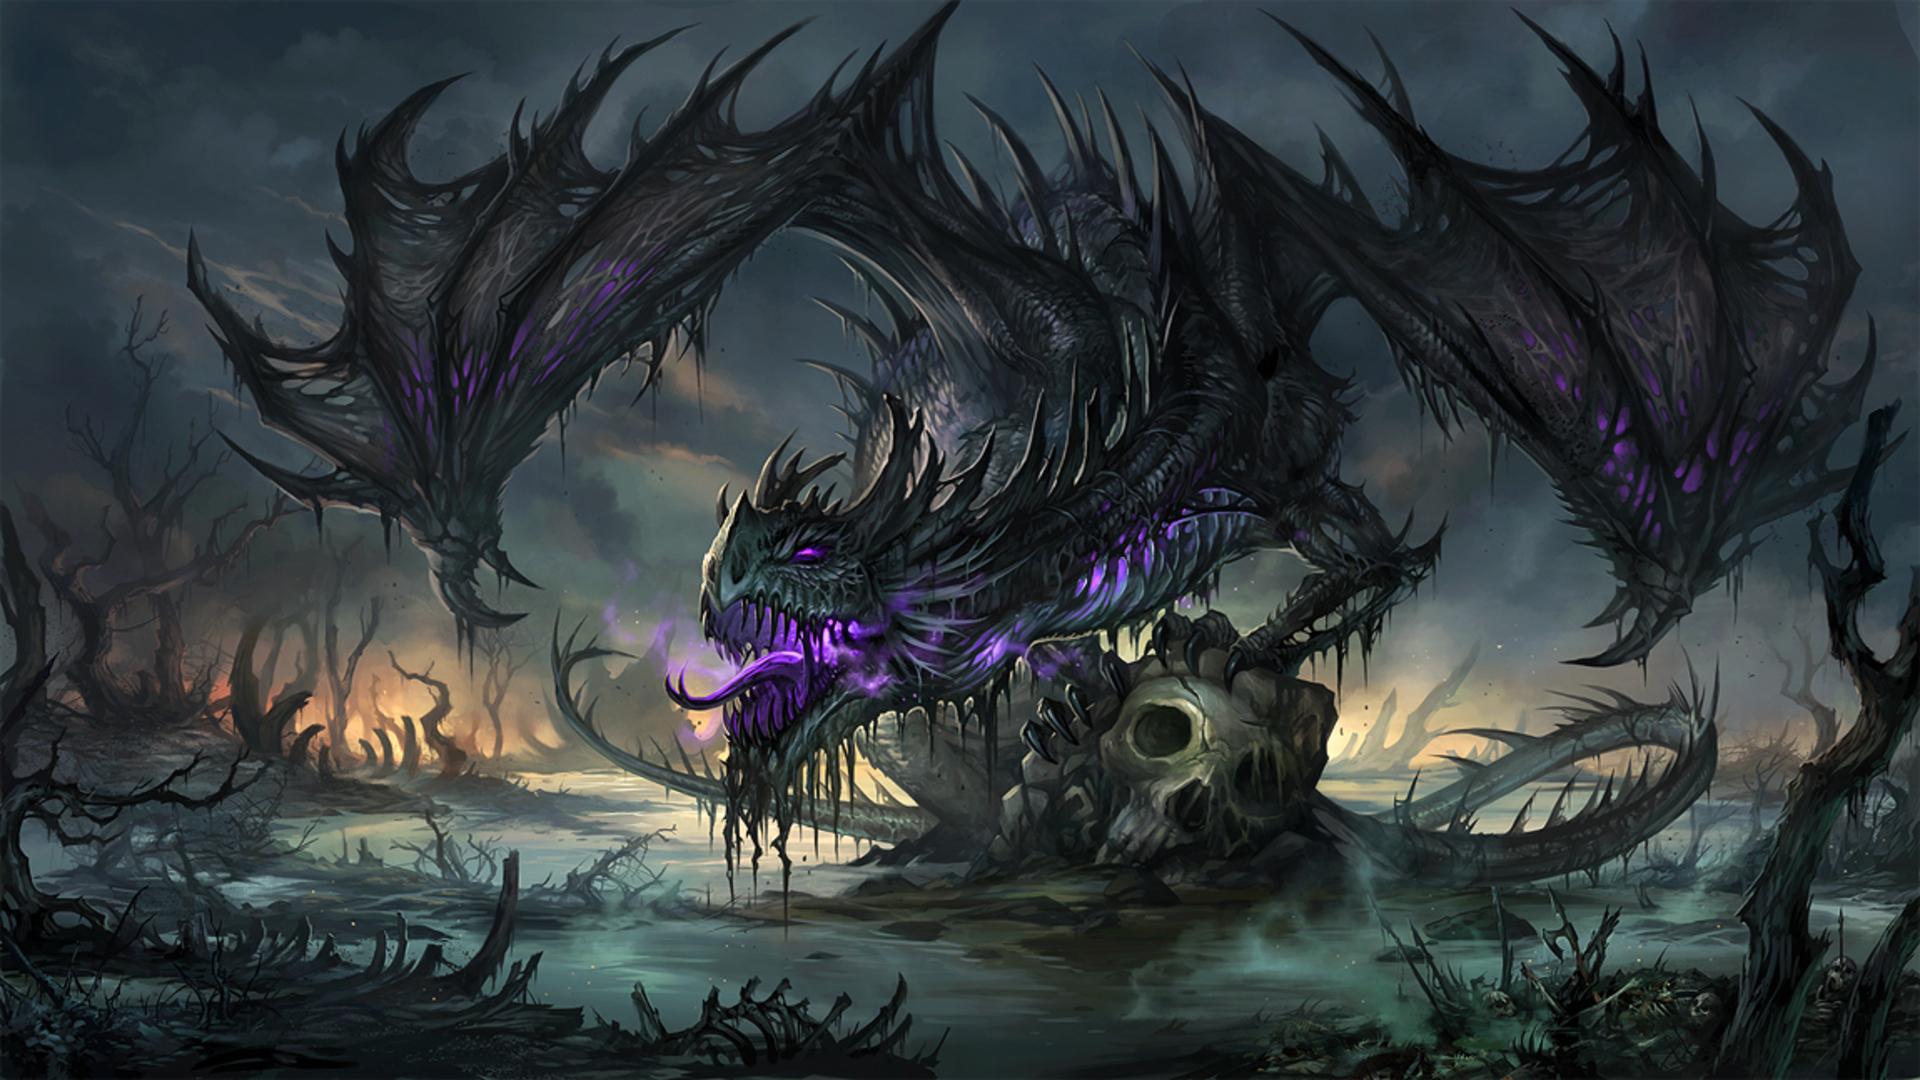 Hd wallpaper dragon - Fantasy Dragon Fantasy Skull Wallpaper